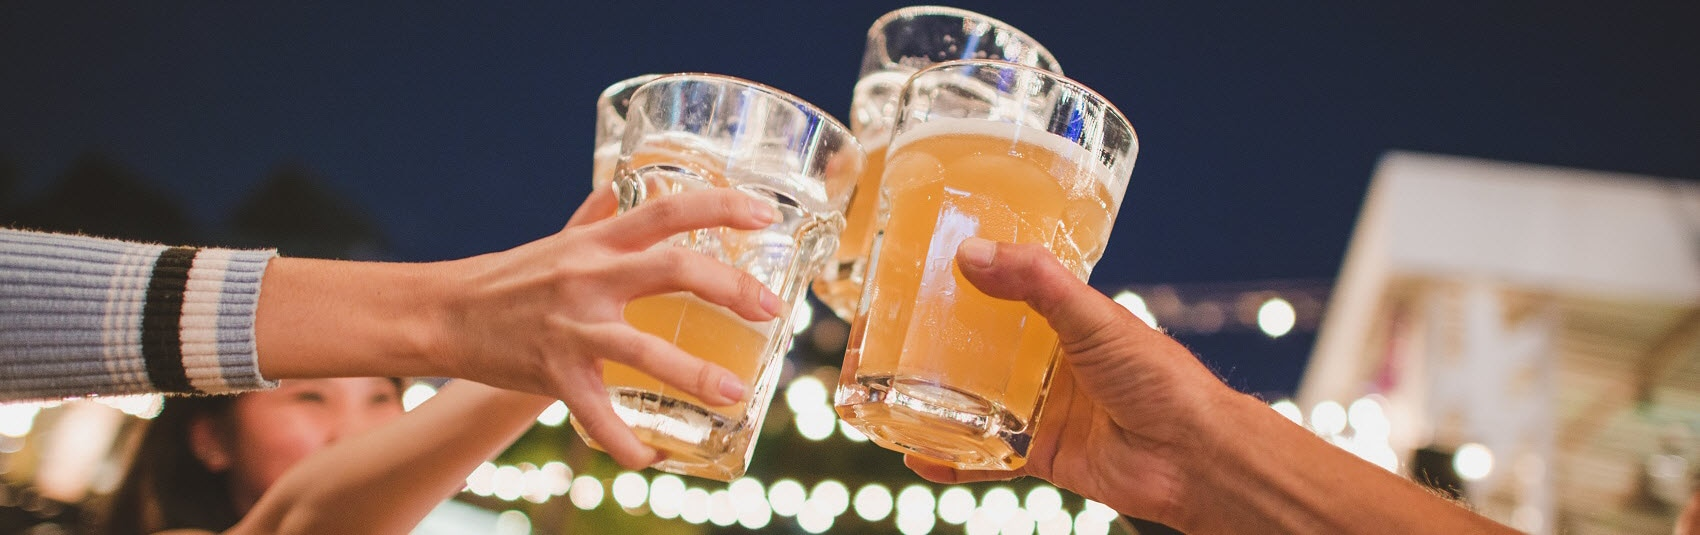 Best Happy Hours near Palm Beach Gardens FL